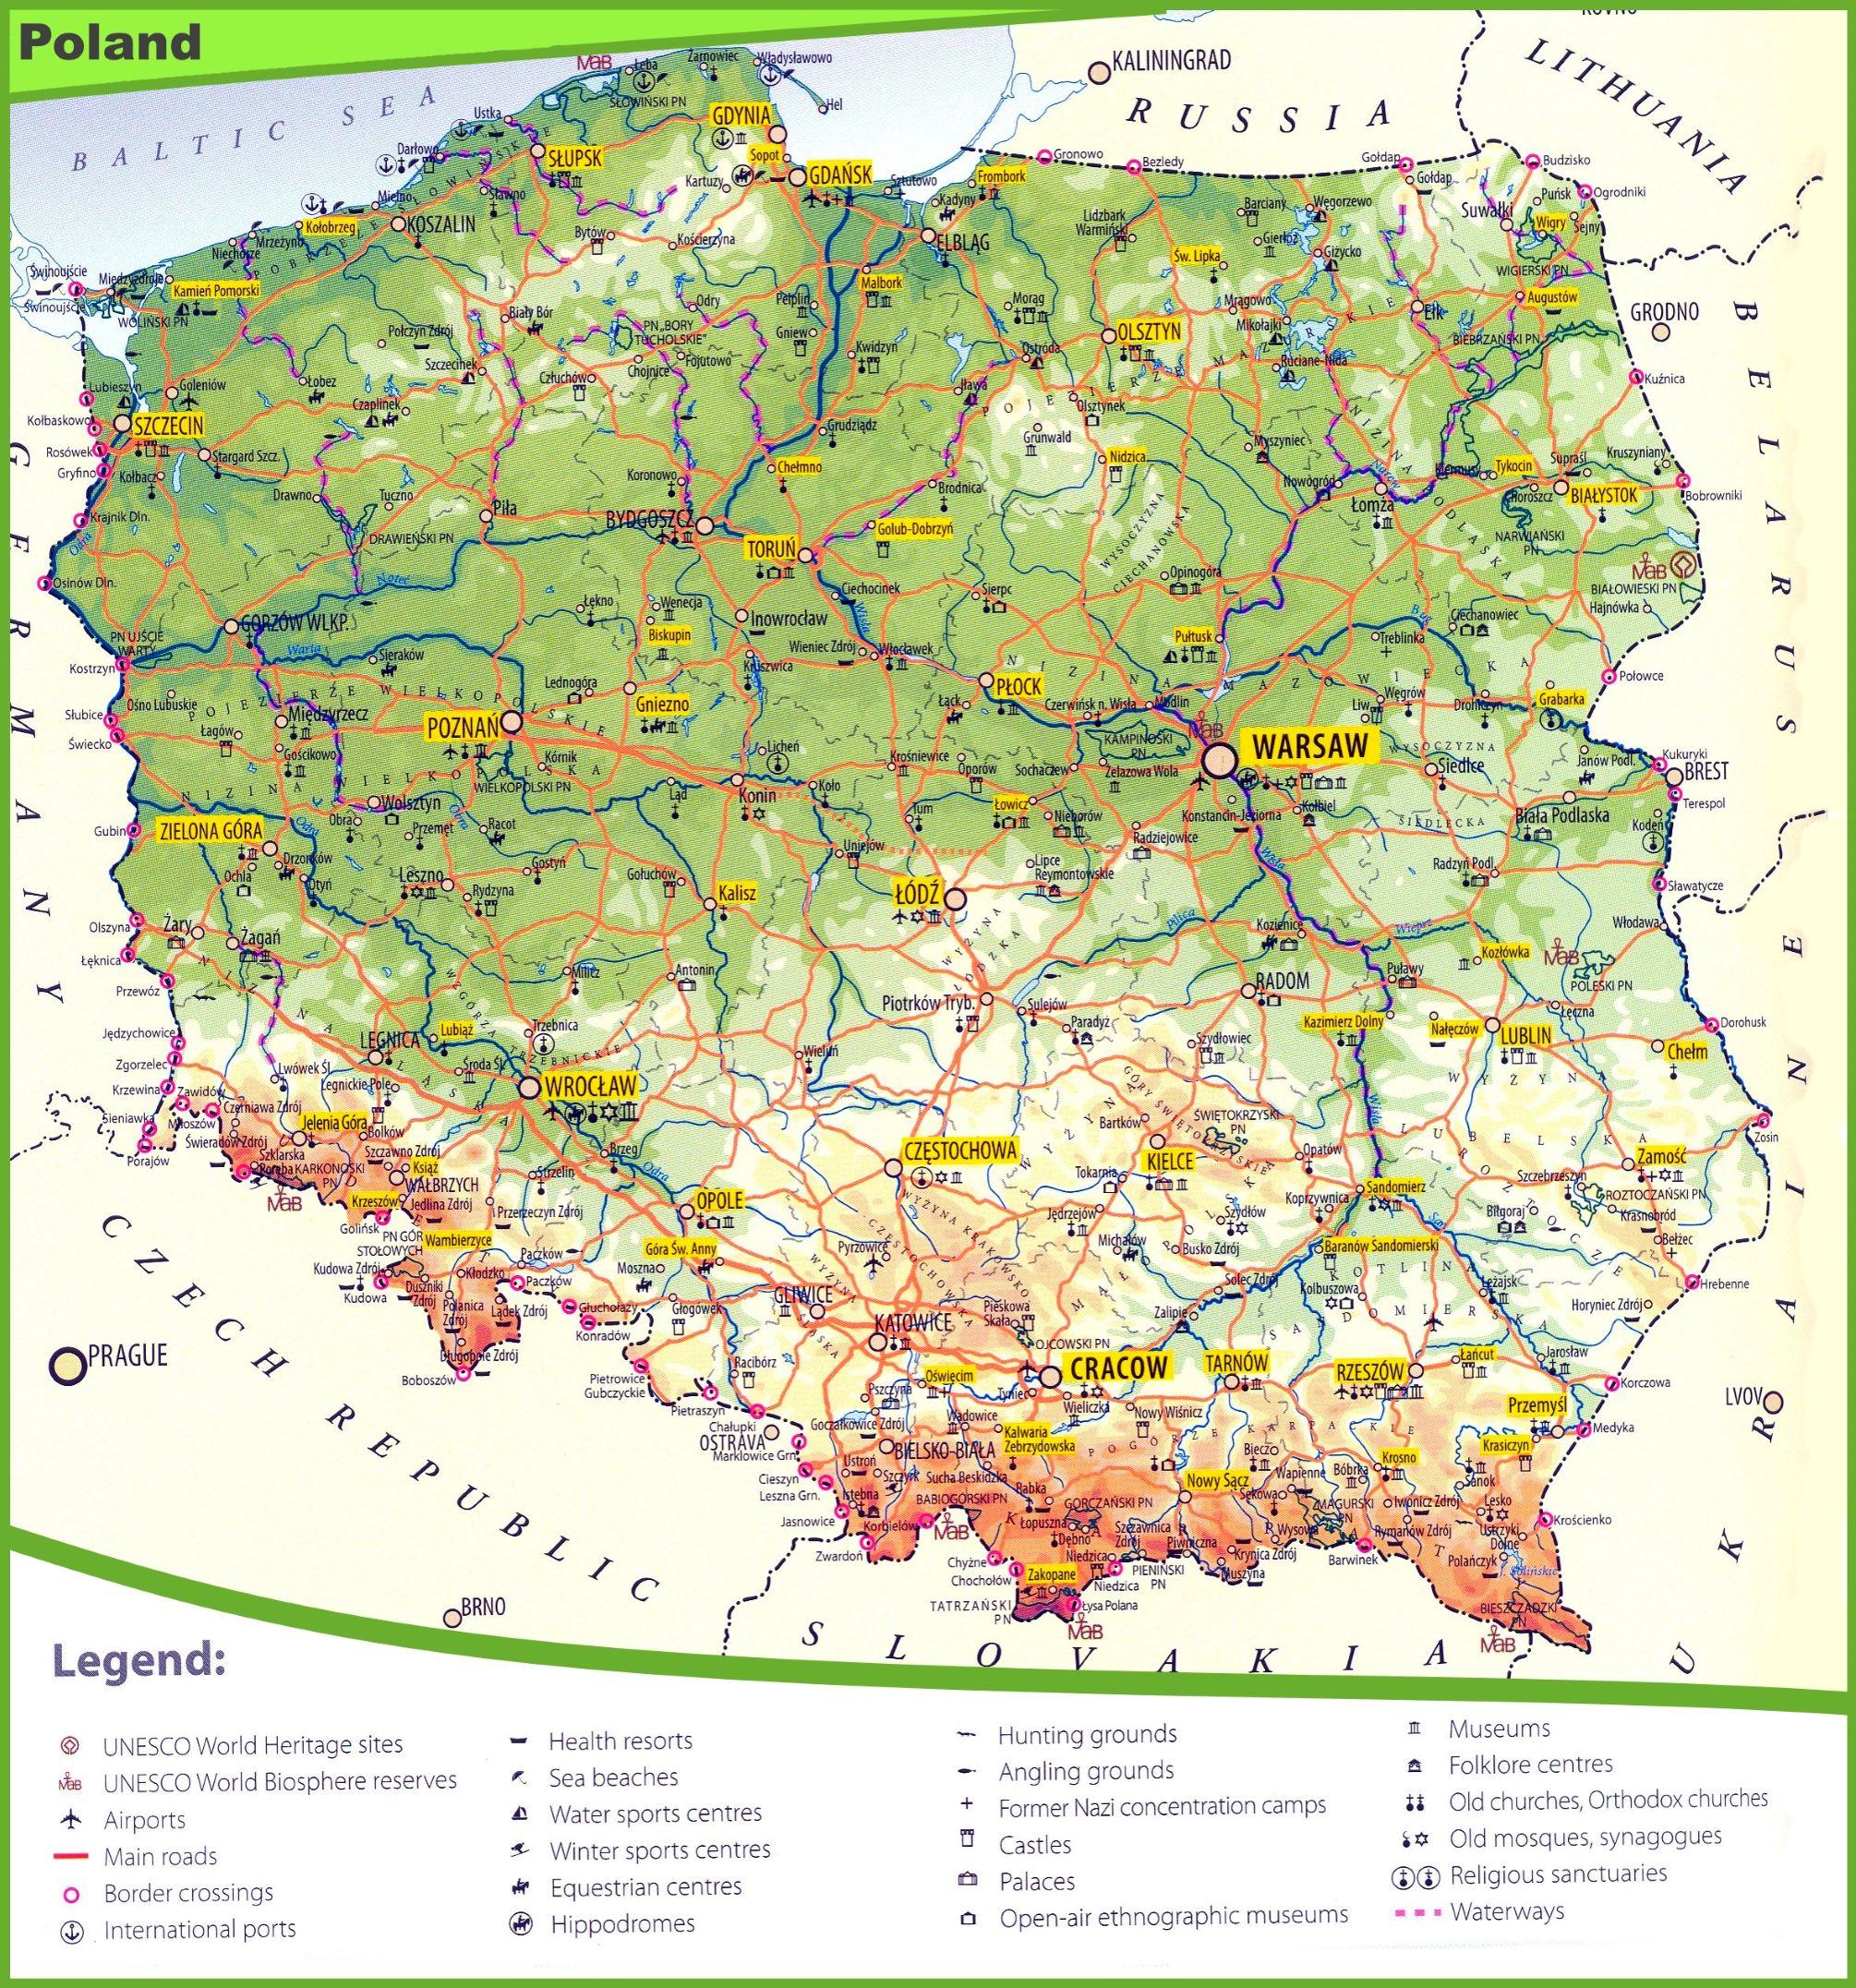 Tourist map of Poland